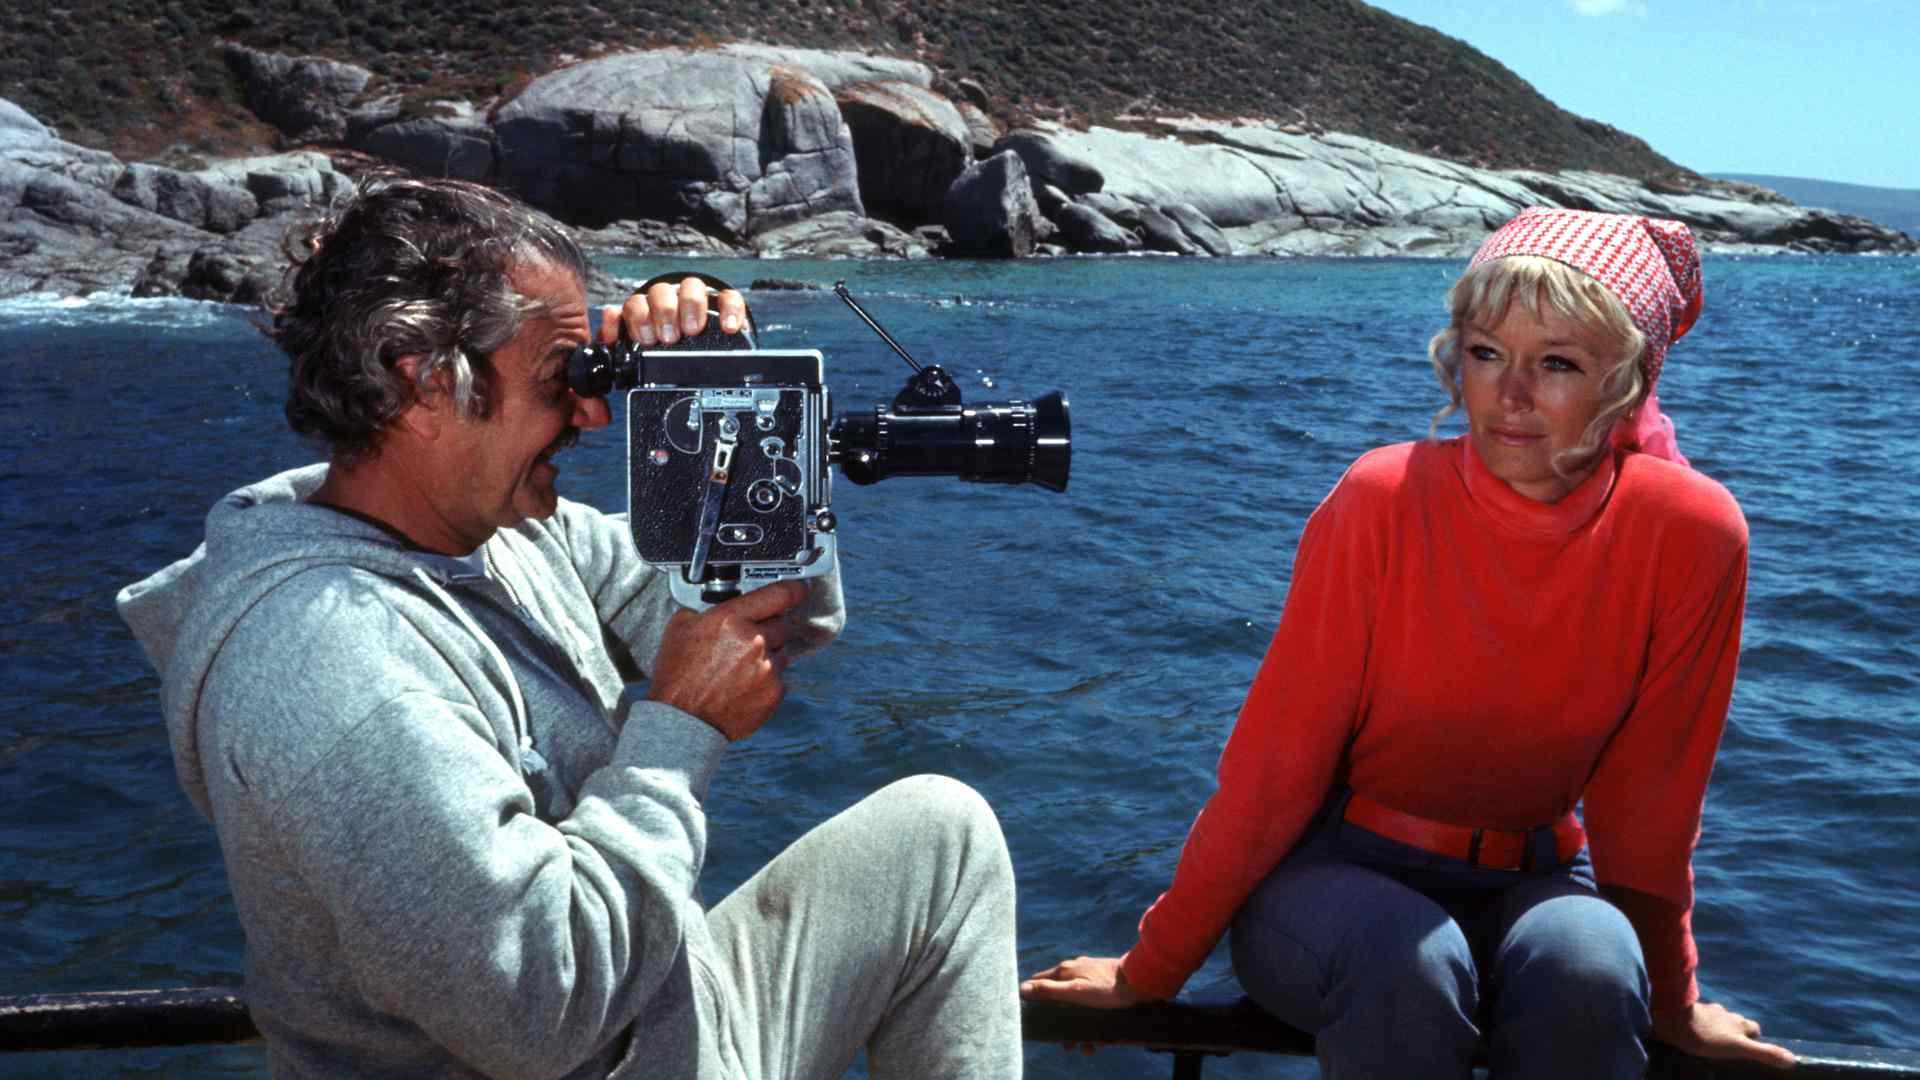 Director Bruno Valati films Valerie Taylor